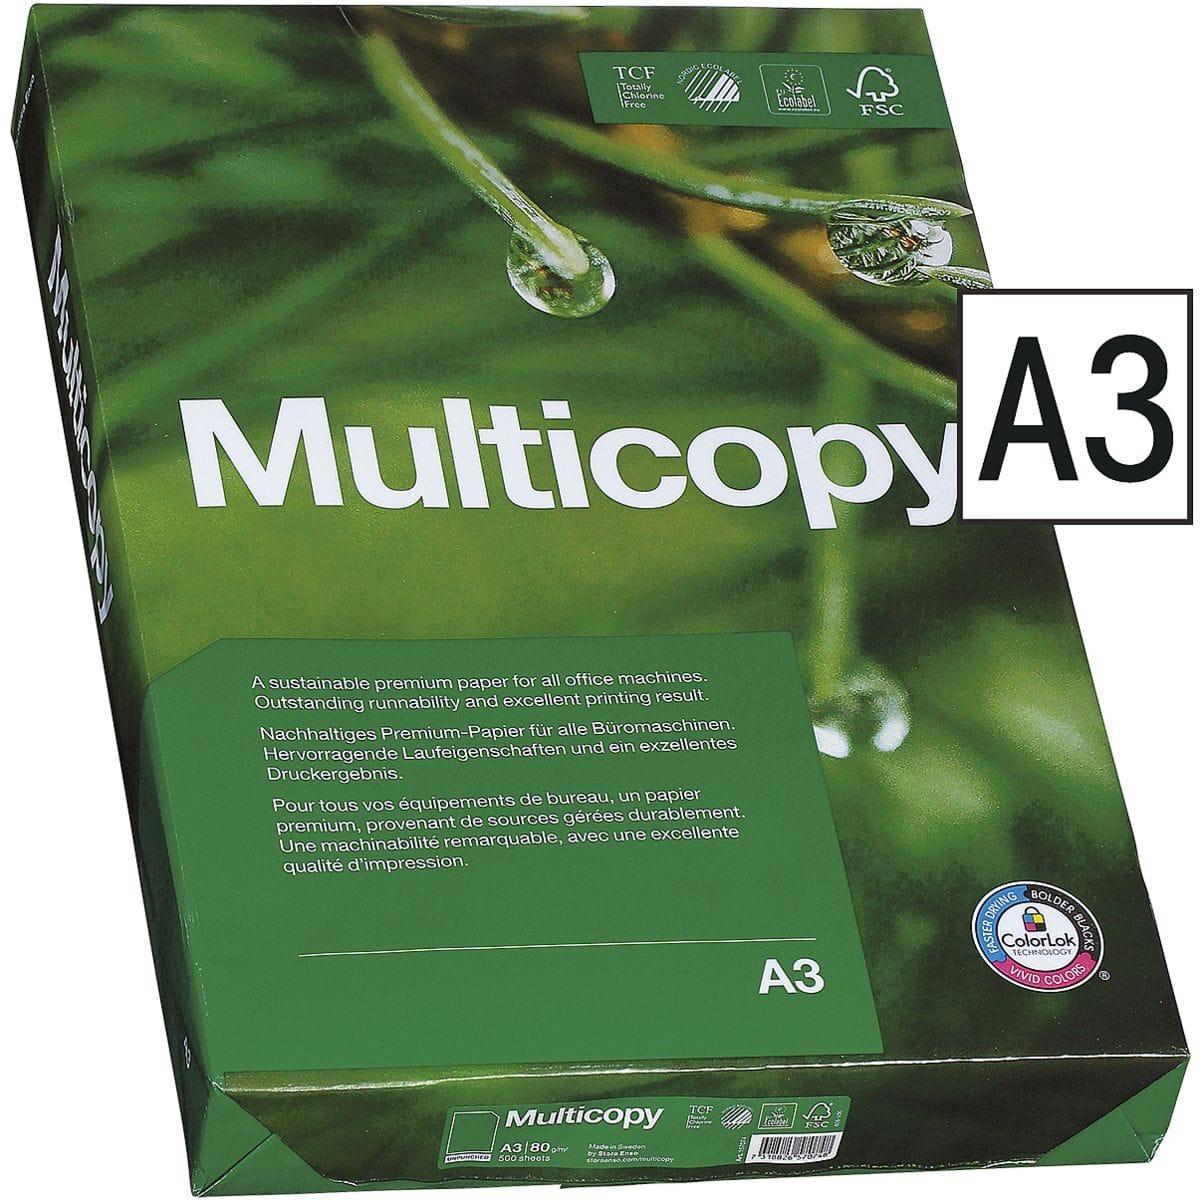 Multicopy Papier 80g/m² DIN-A3 - 500 Blatt Exzellentes Druckergebnis mit Umweltbewusstsein